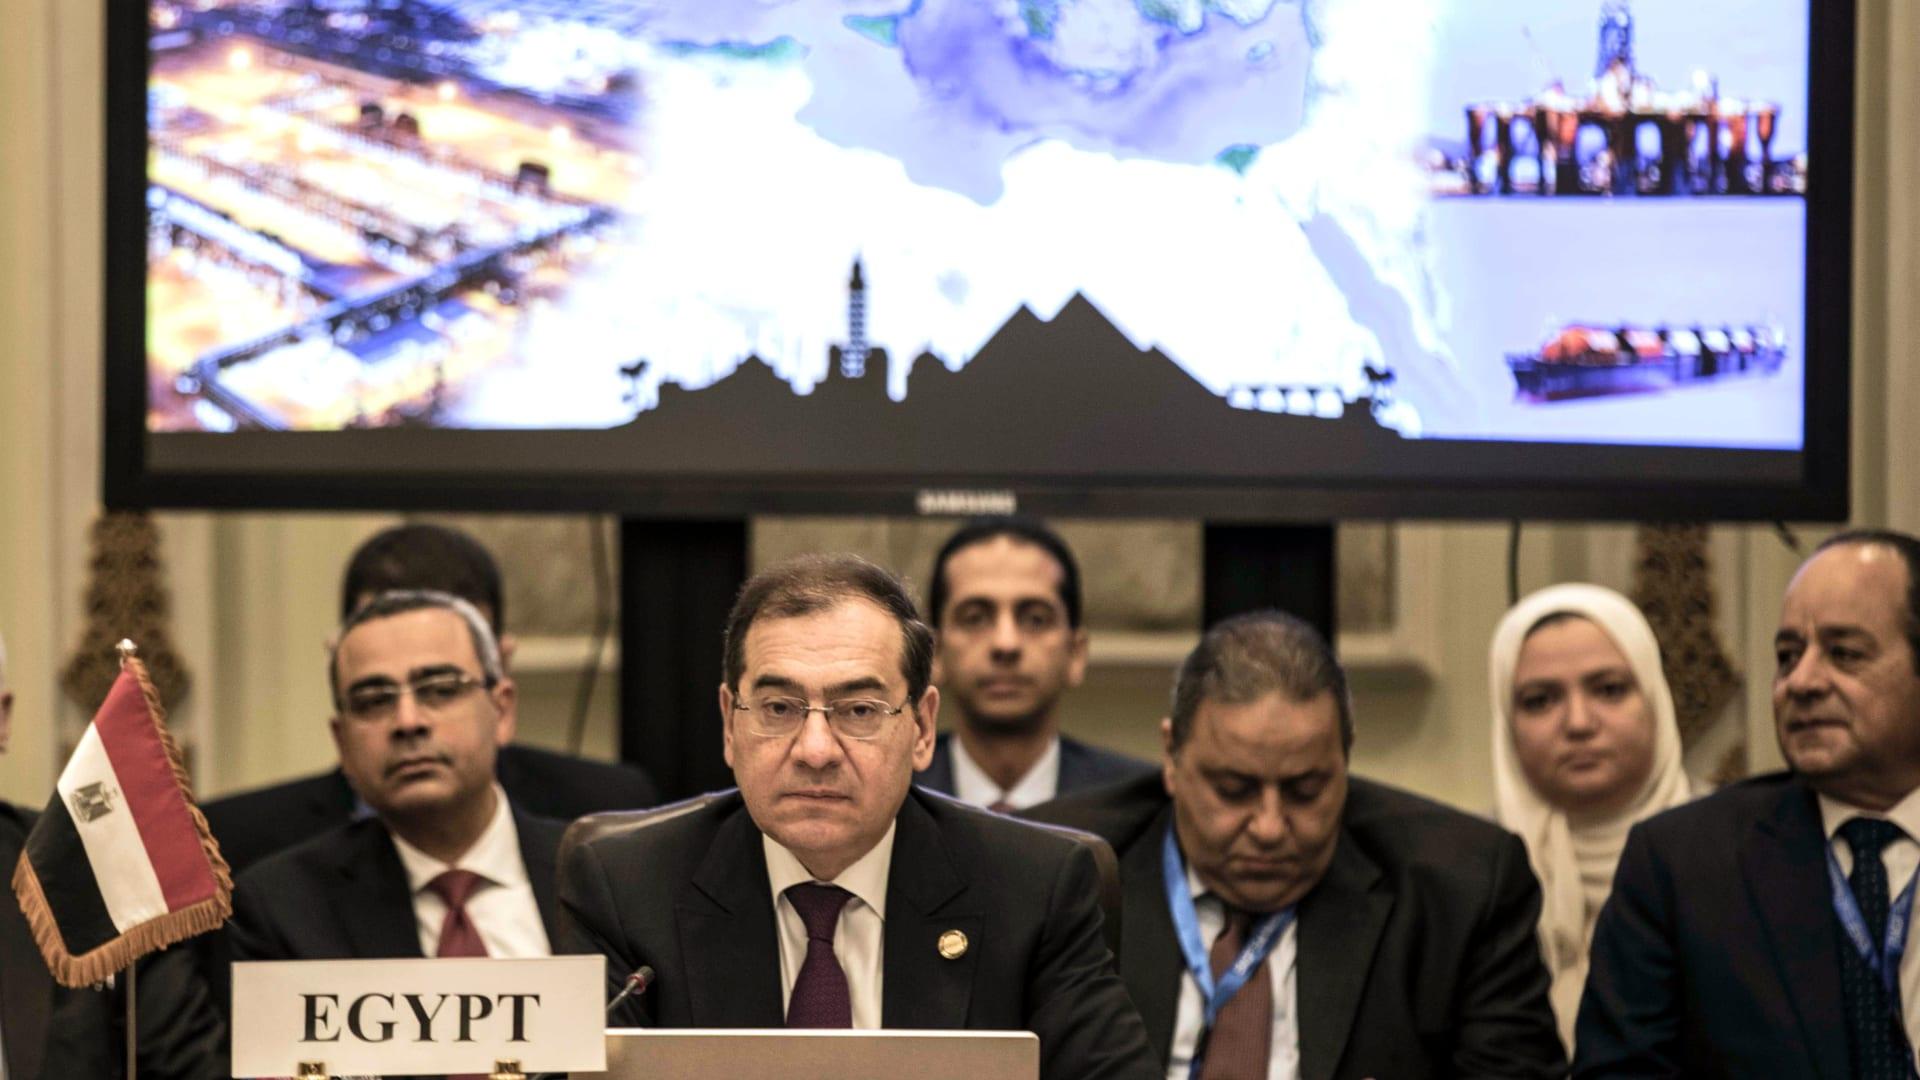 صورة أرشيفية لوزير البترول المصري طارق الملا في منتدى غاز شرق المتوسط في القاهرة، في 16 يناير 2020